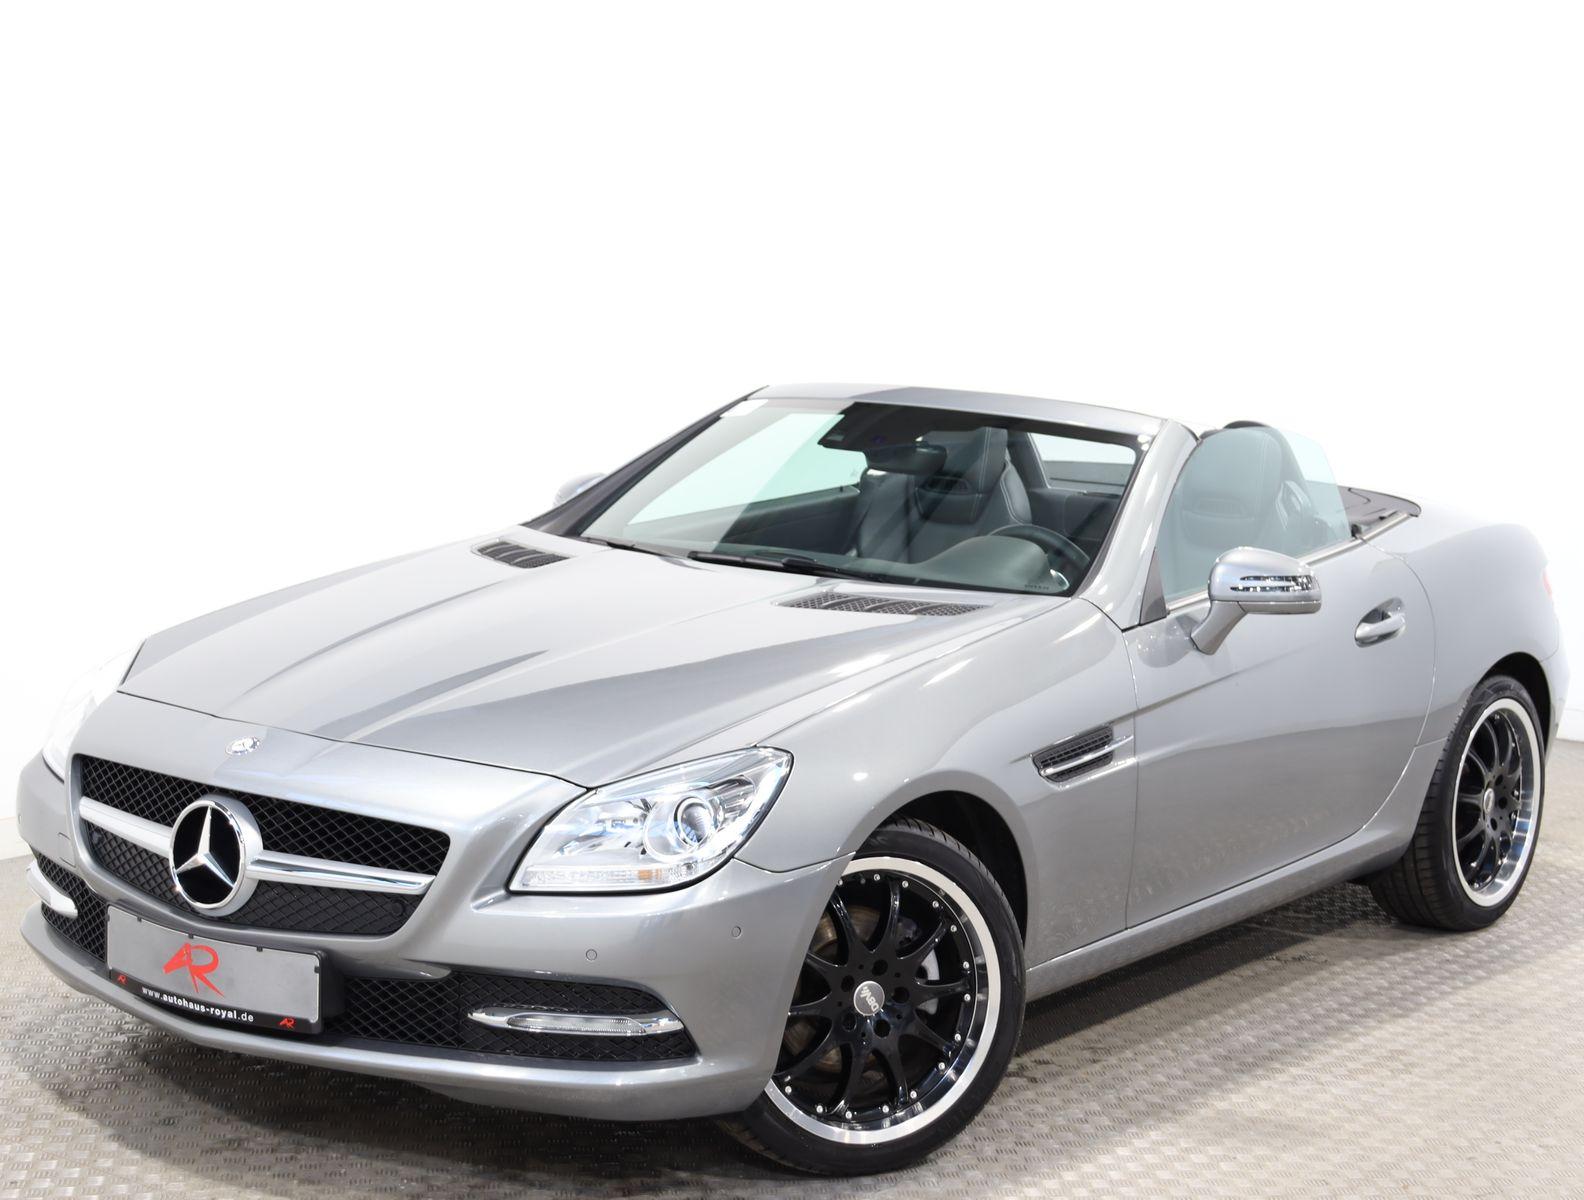 Mercedes-Benz SLK 200 7G NAVI COMAND,AIRSCARF,18 Z.,SCHECKHEFT, Jahr 2012, Benzin